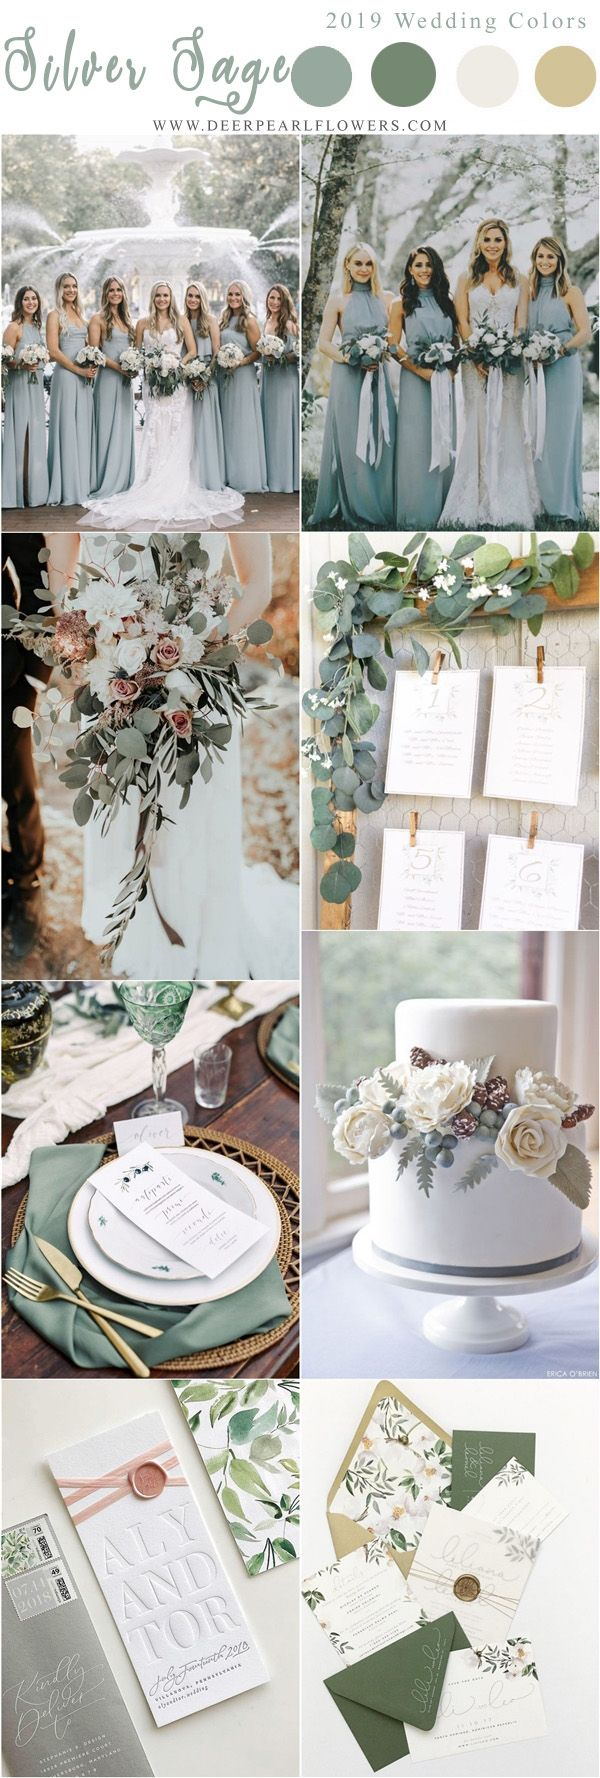 Top 10 Ideen für Hochzeitsfarbschemata für 2019 Trends #seasonsoftheyear